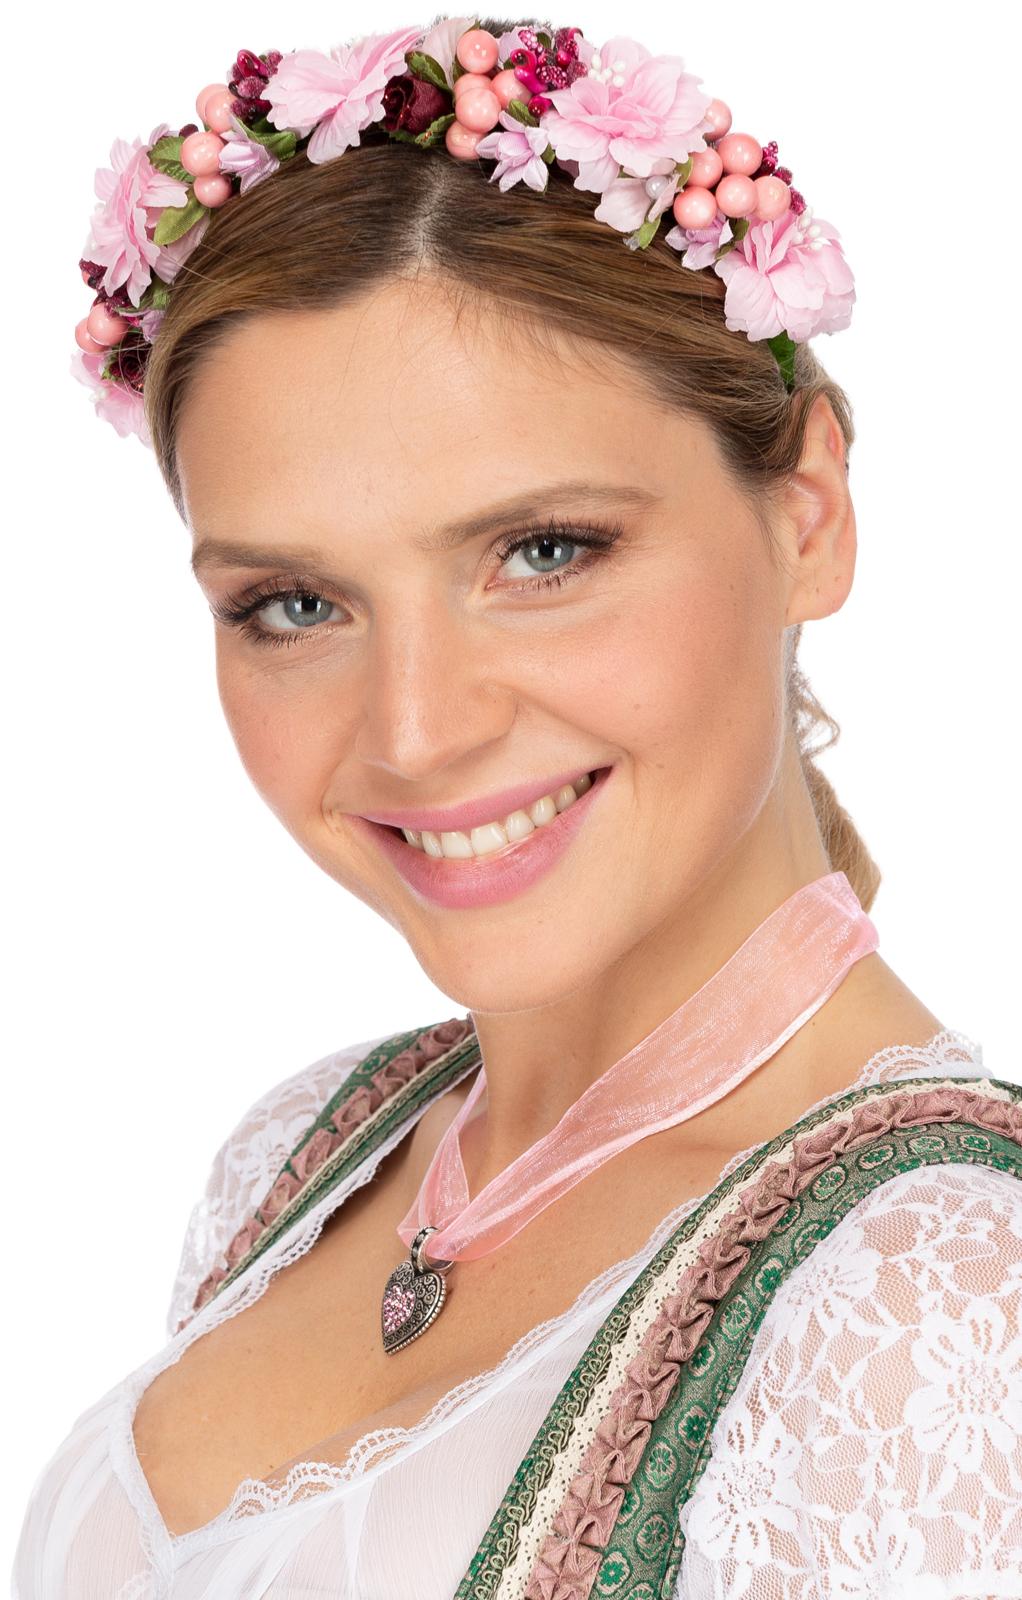 Haar- und Hutkranz SOPHIA 1014 rosa von Fielana